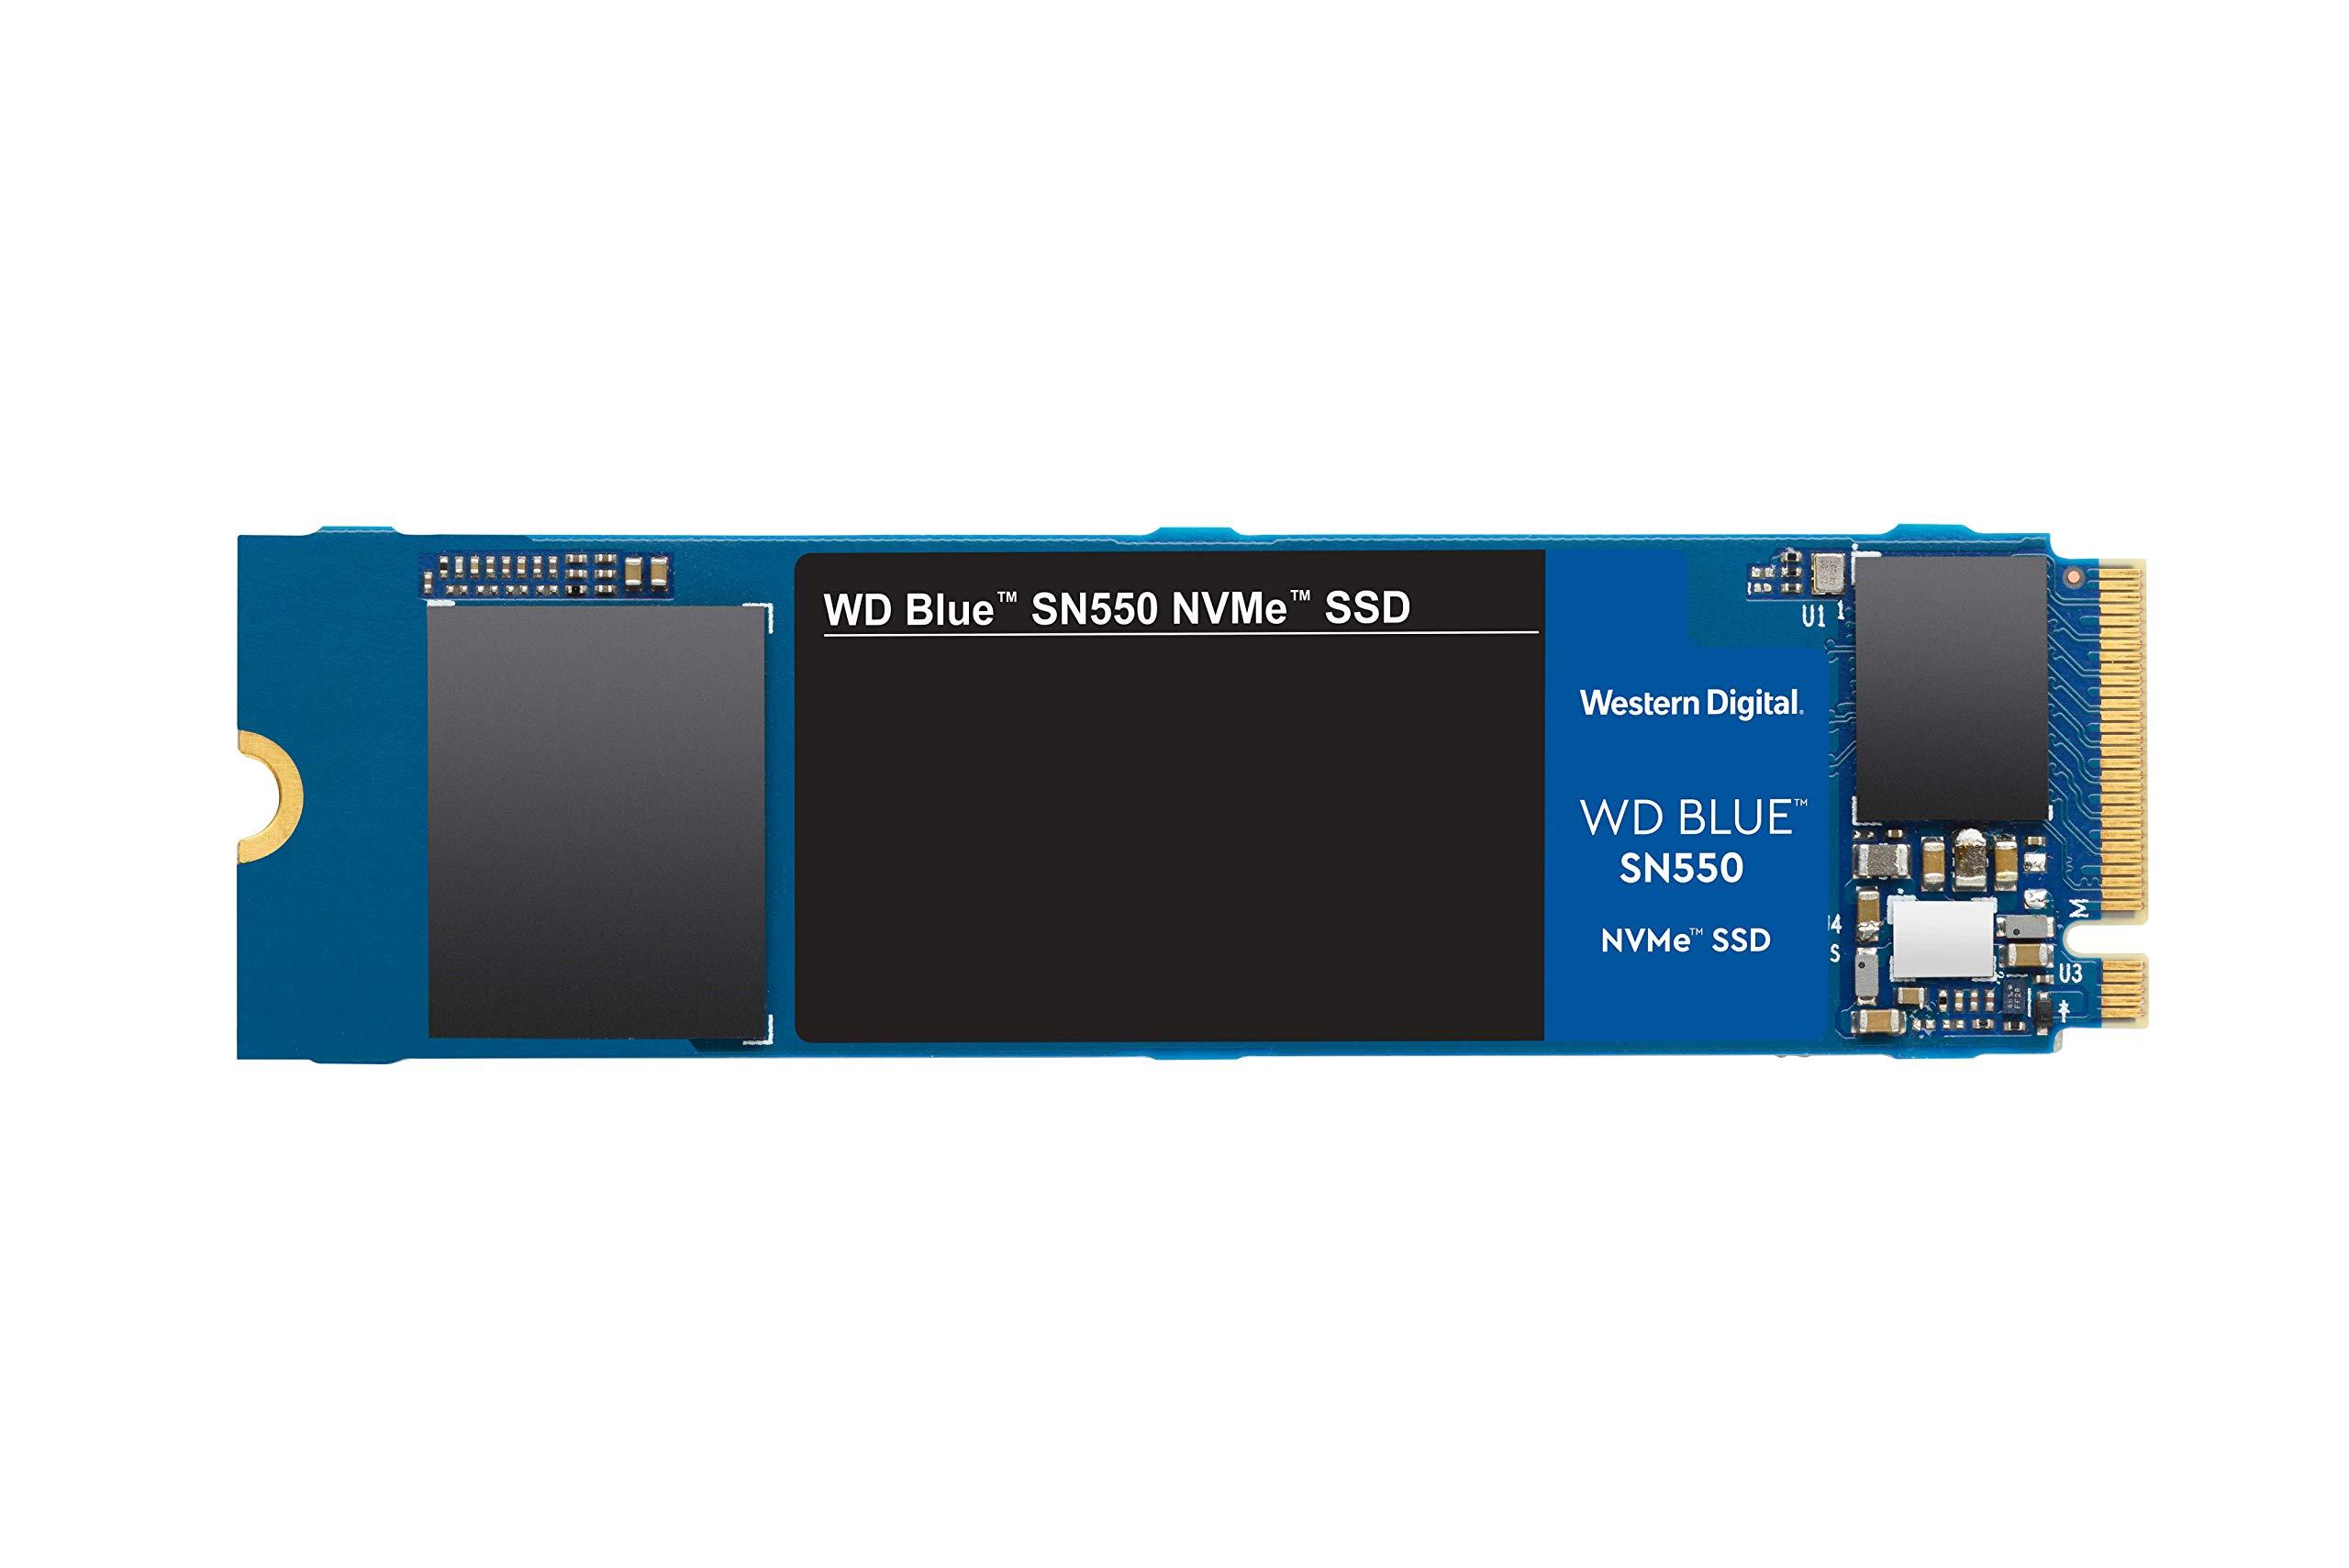 M.2 2280 250gb Nvme Wd Blue Sn550 250gb Nvme Gen3 X4 Pcie 8g